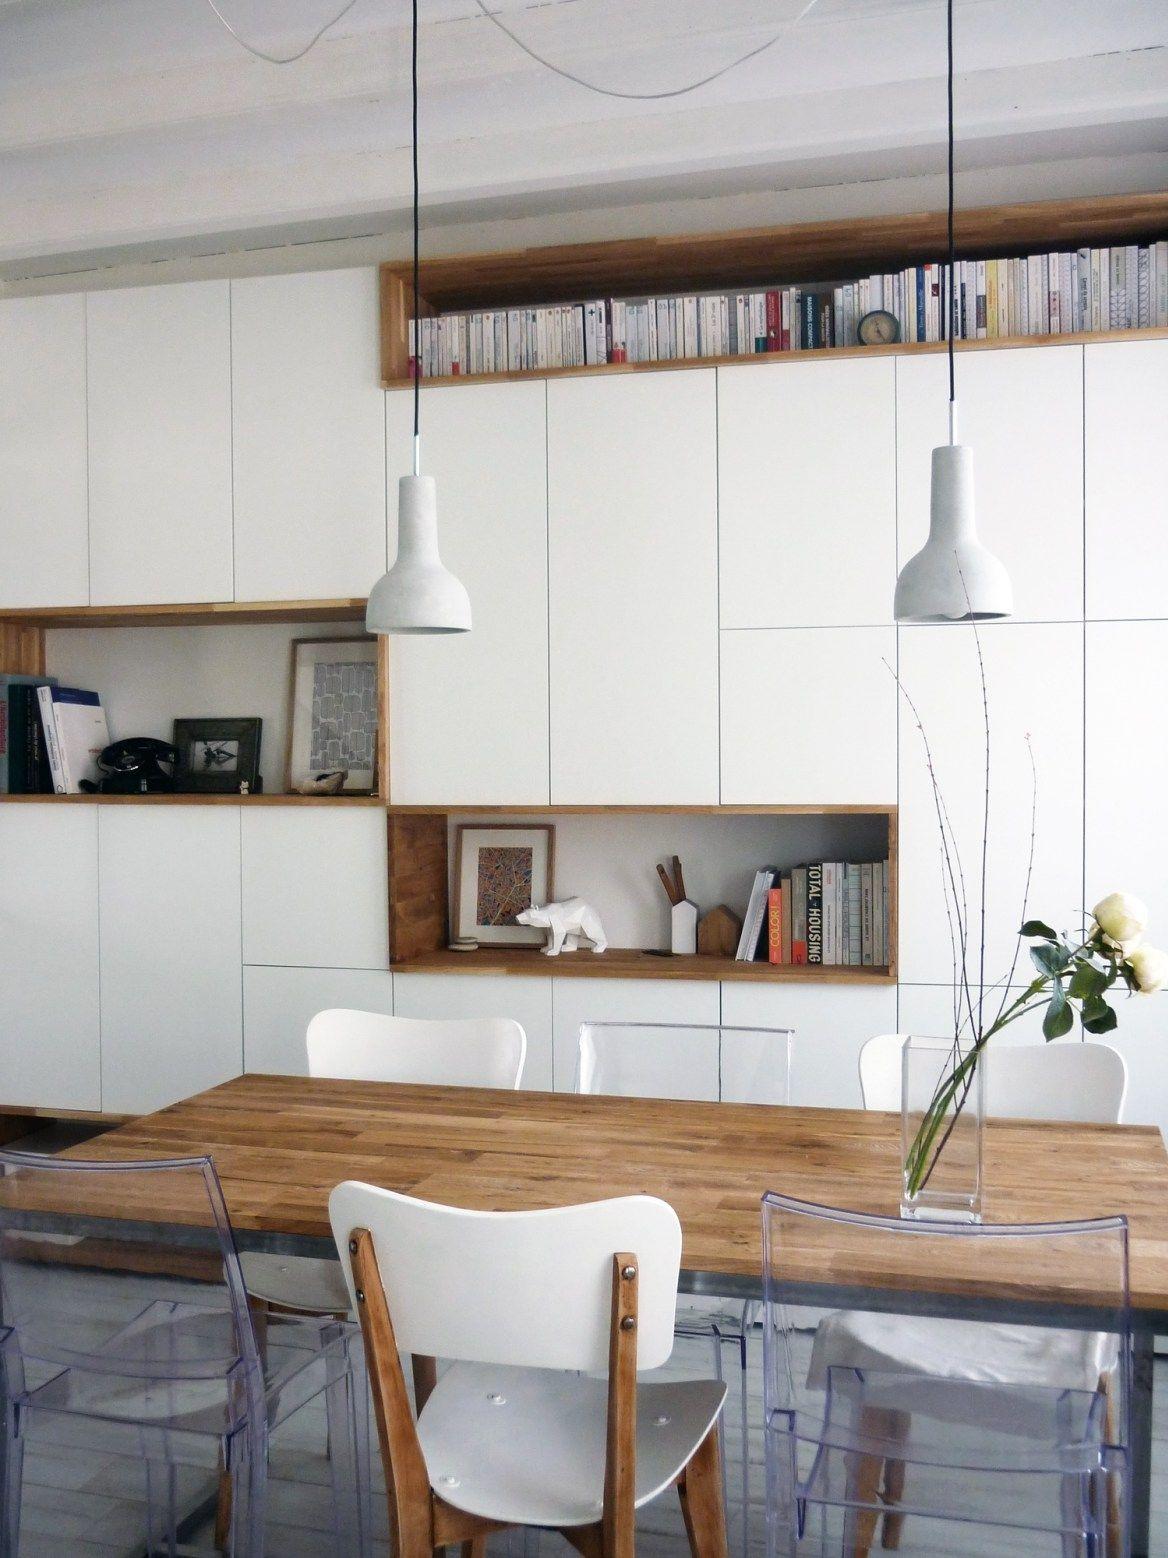 Mur Rangements Blanc Bois Scandinave éléments De Cuisine Hauts